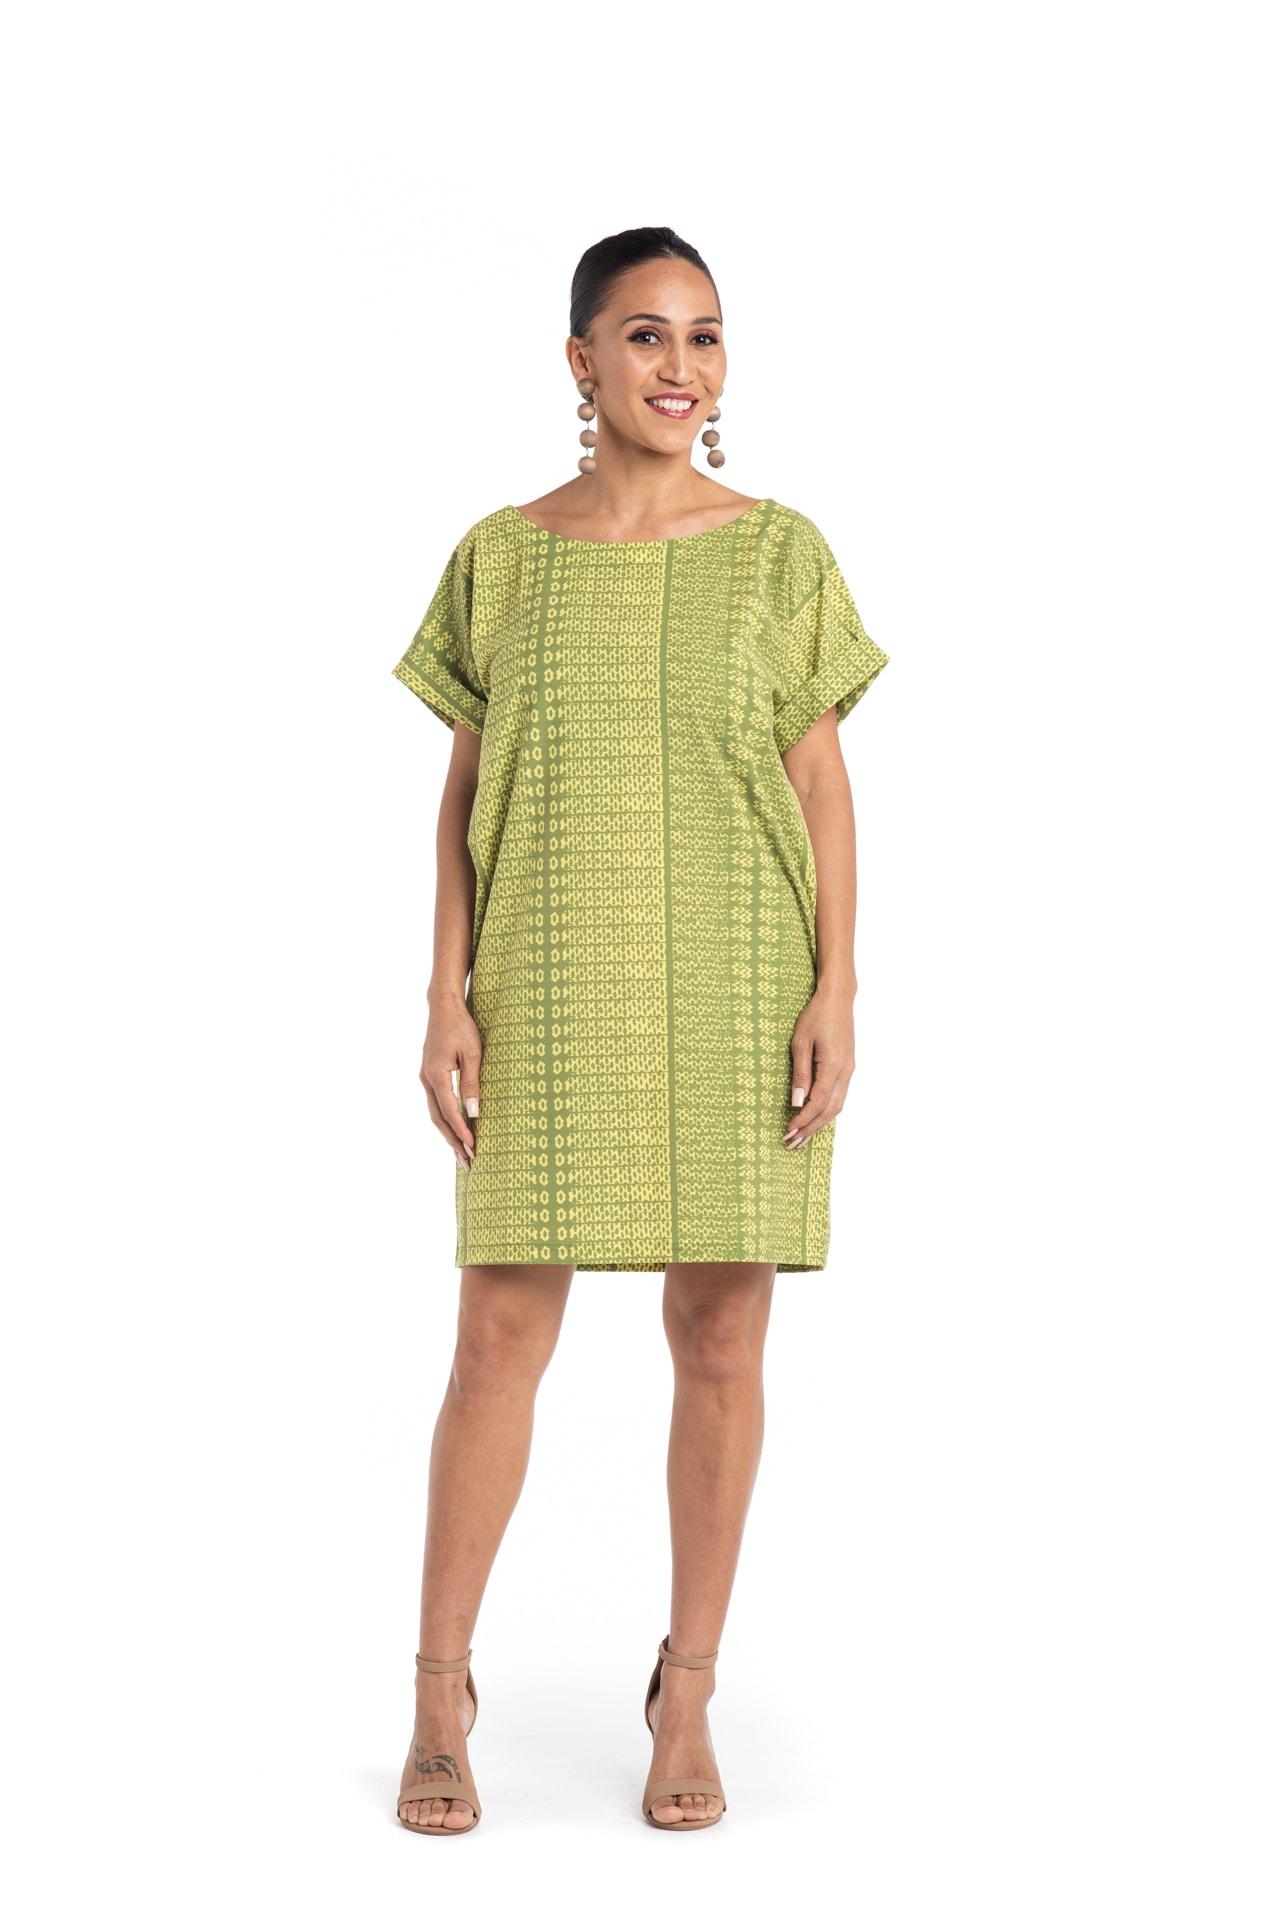 Model wearing Puaniu Shift Dress in Green - Front View